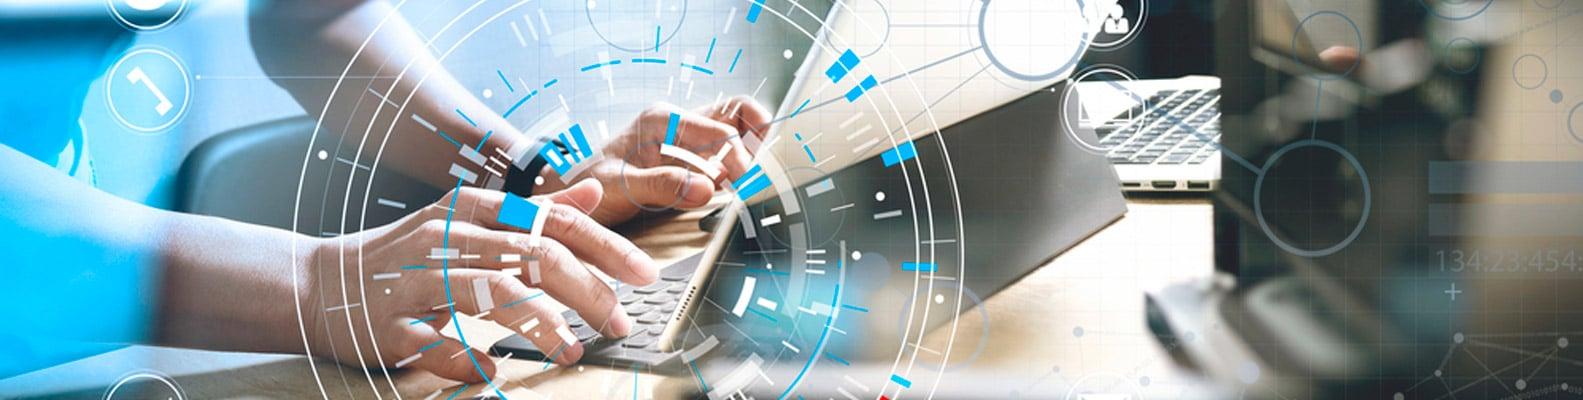 Los mejores softwares de contabilidad online